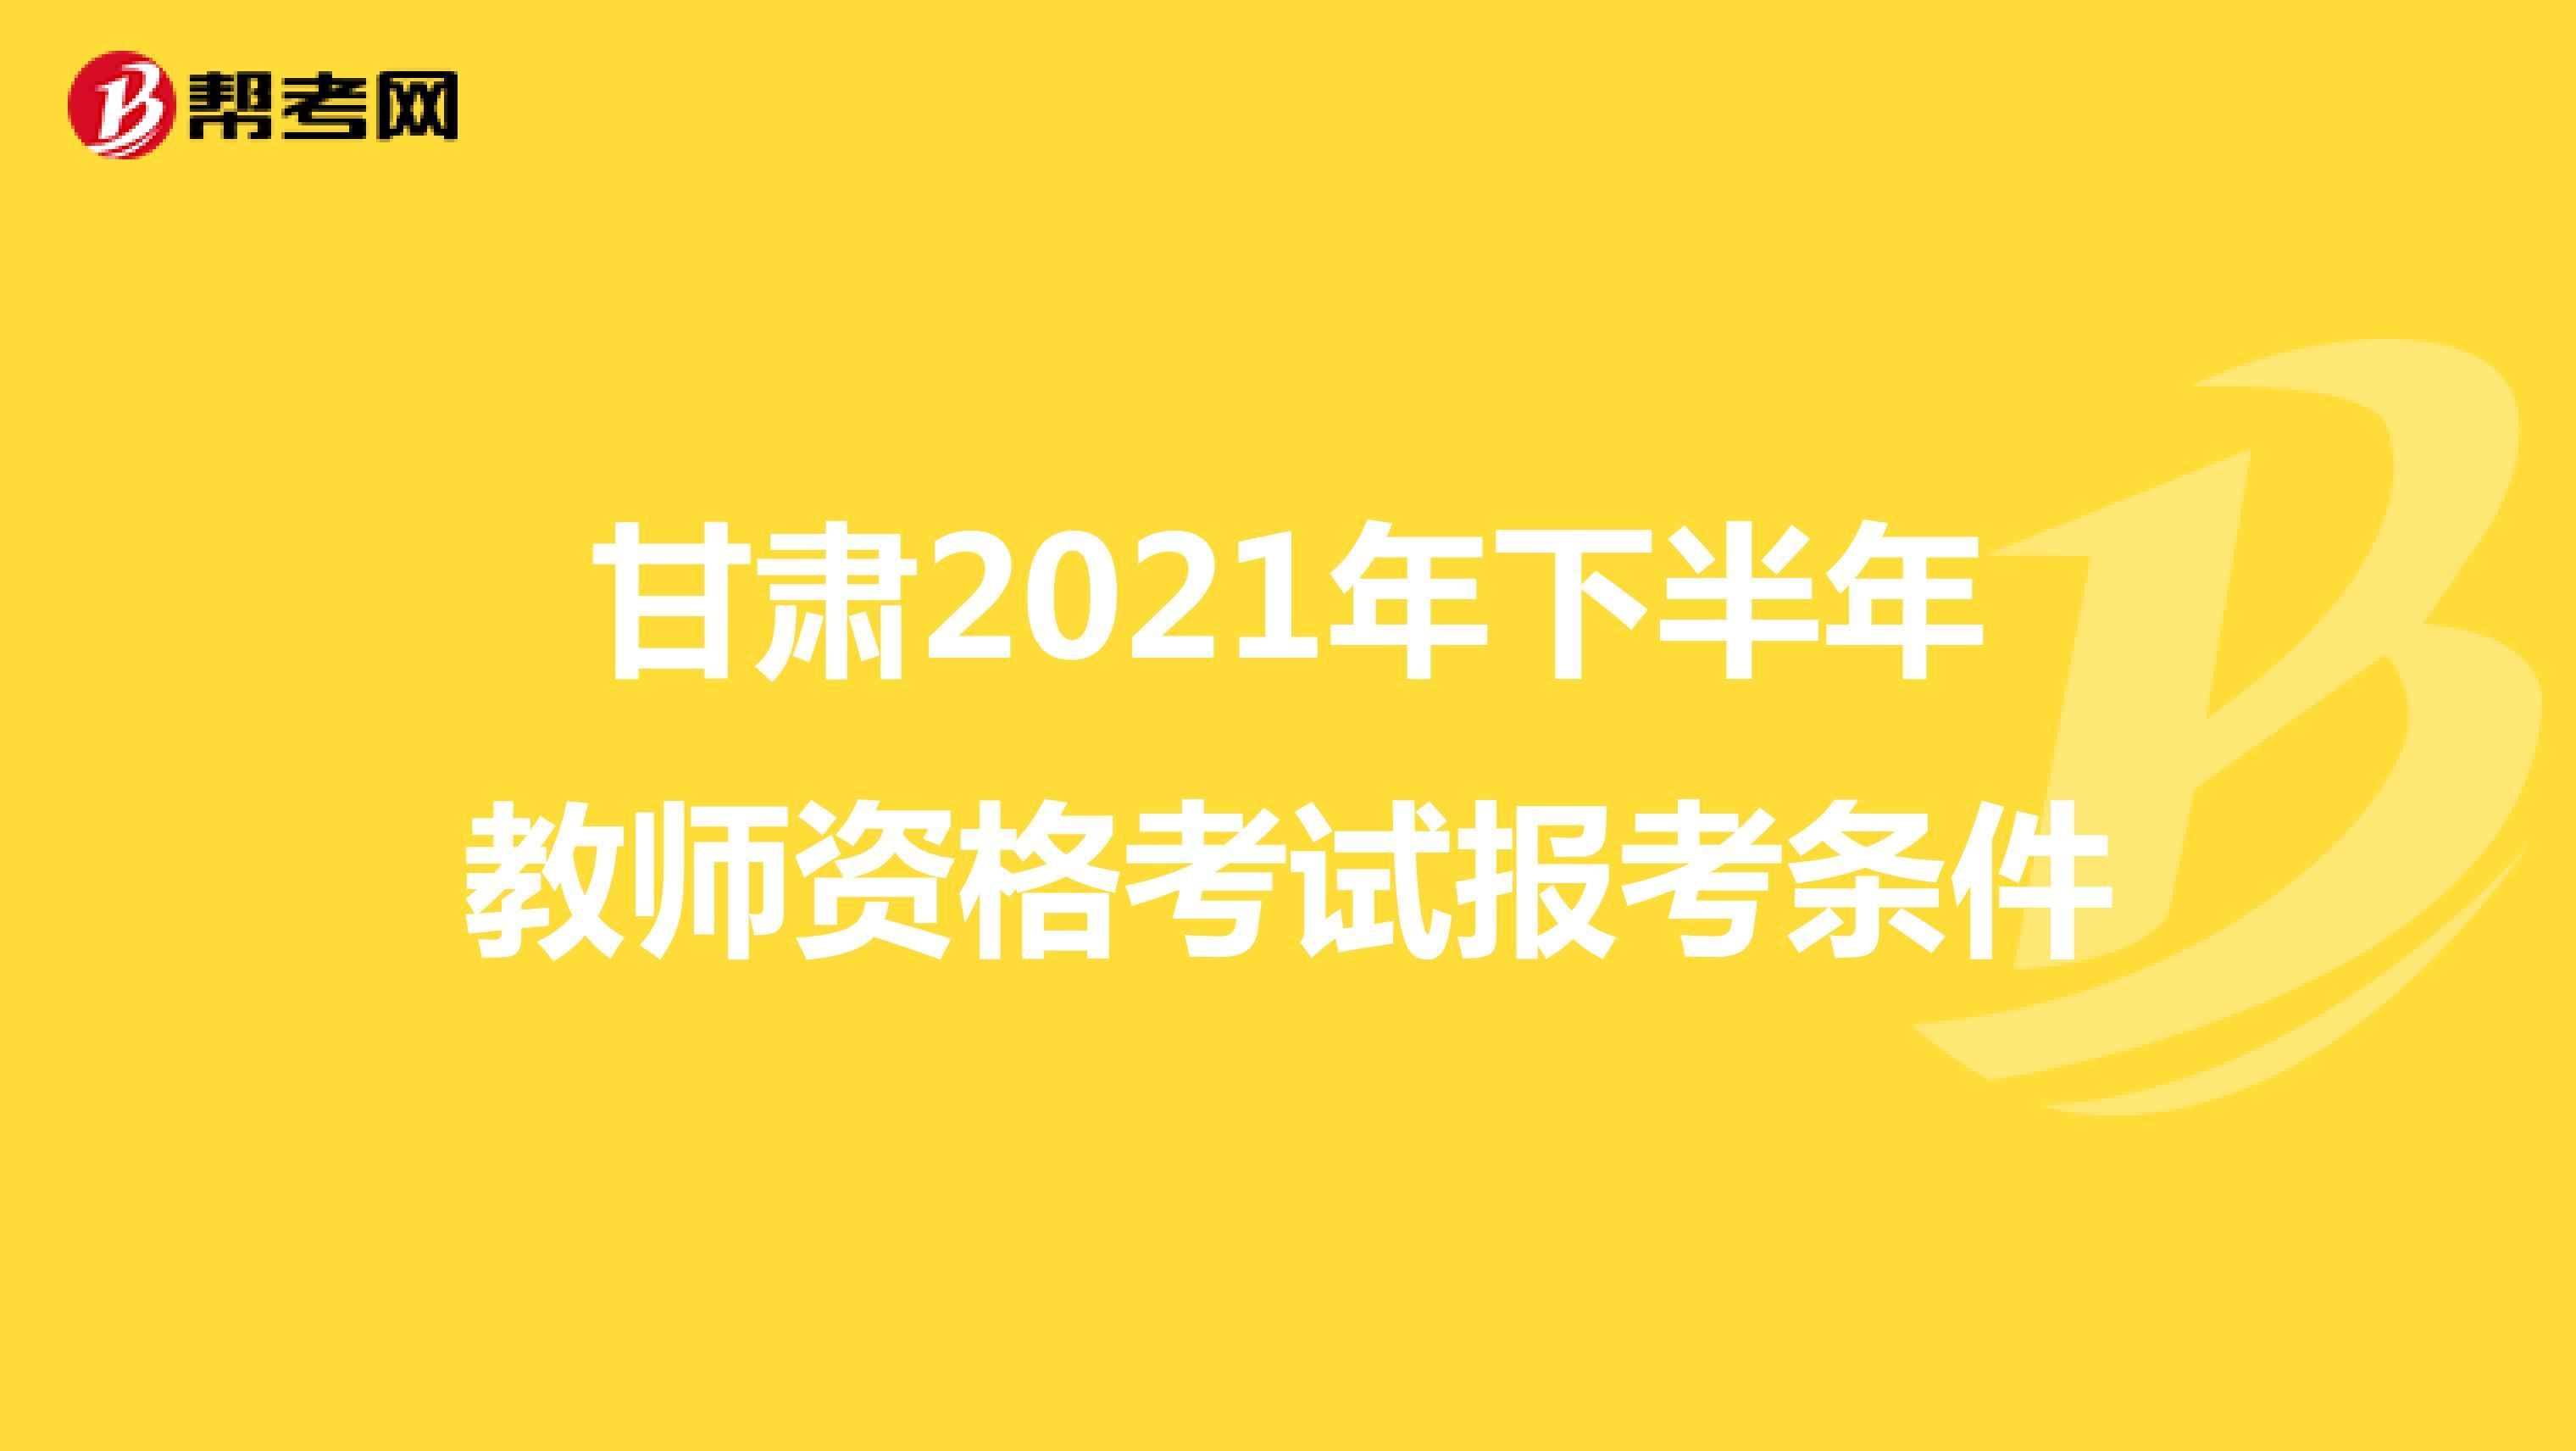 甘肃2021年下半年教师资格考试报考条件